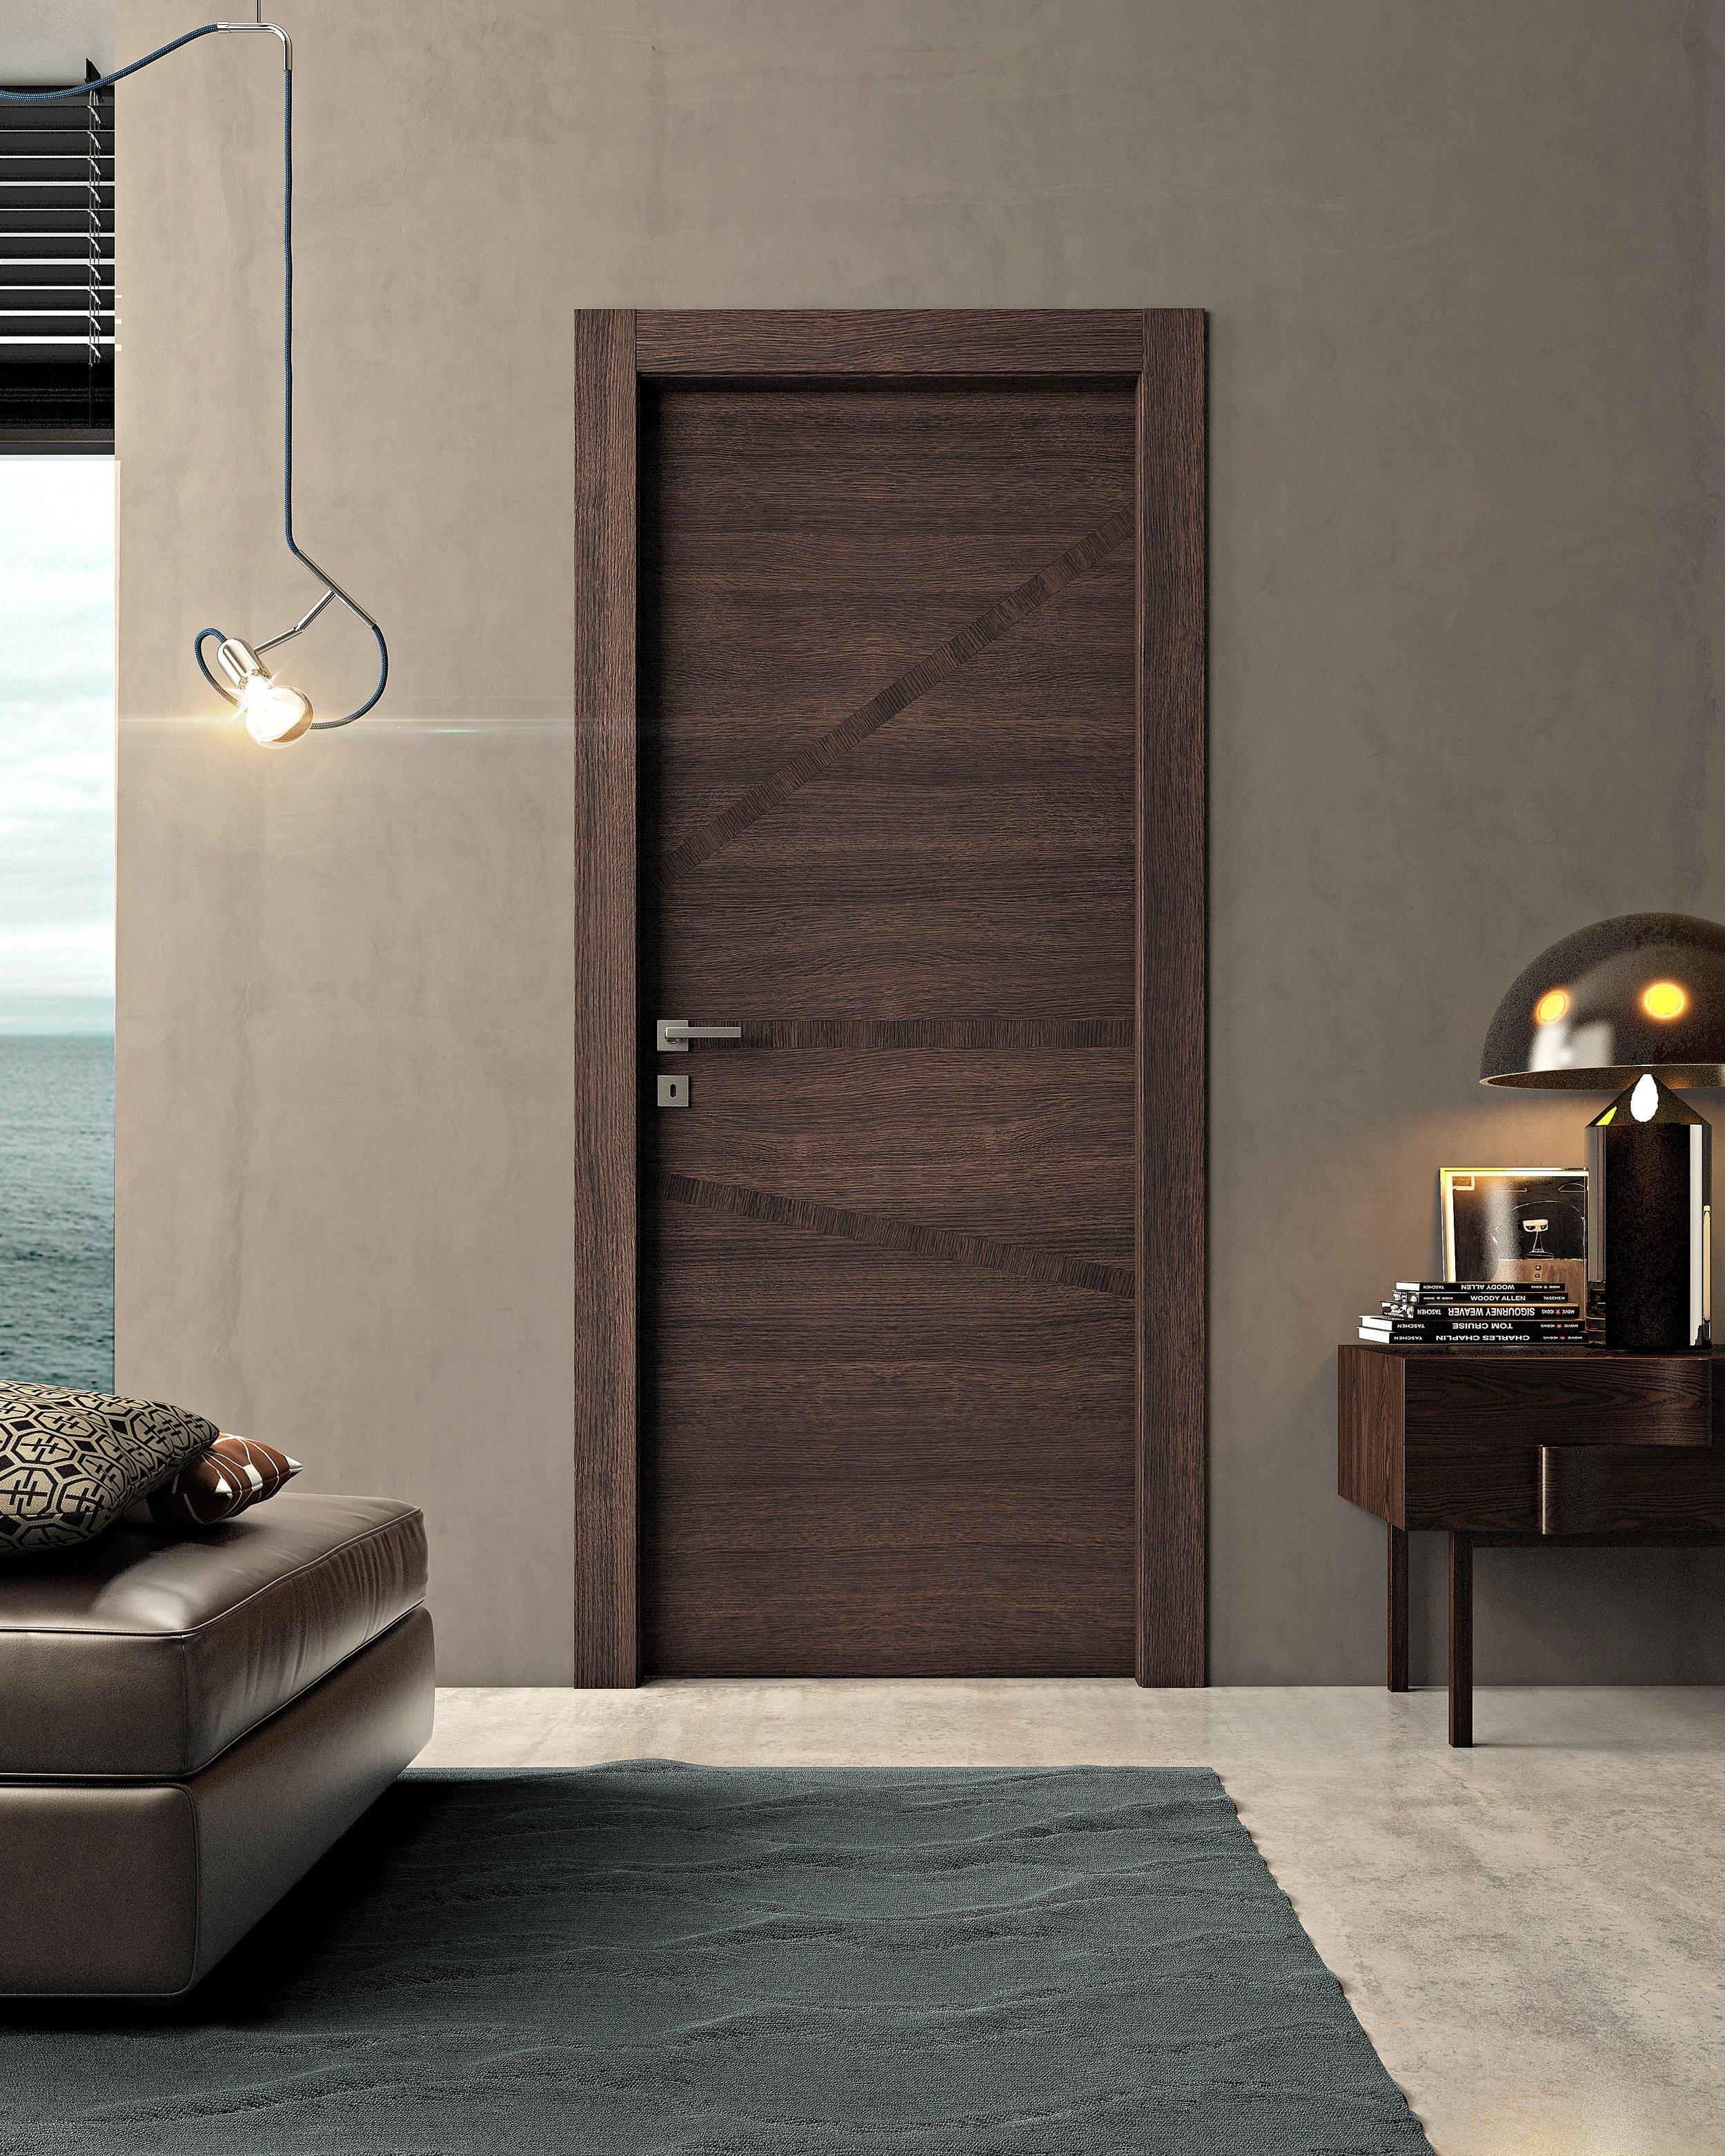 Centro idea casa porte laminate e laccate pail flessya pivato leader - Porte interne pail ...